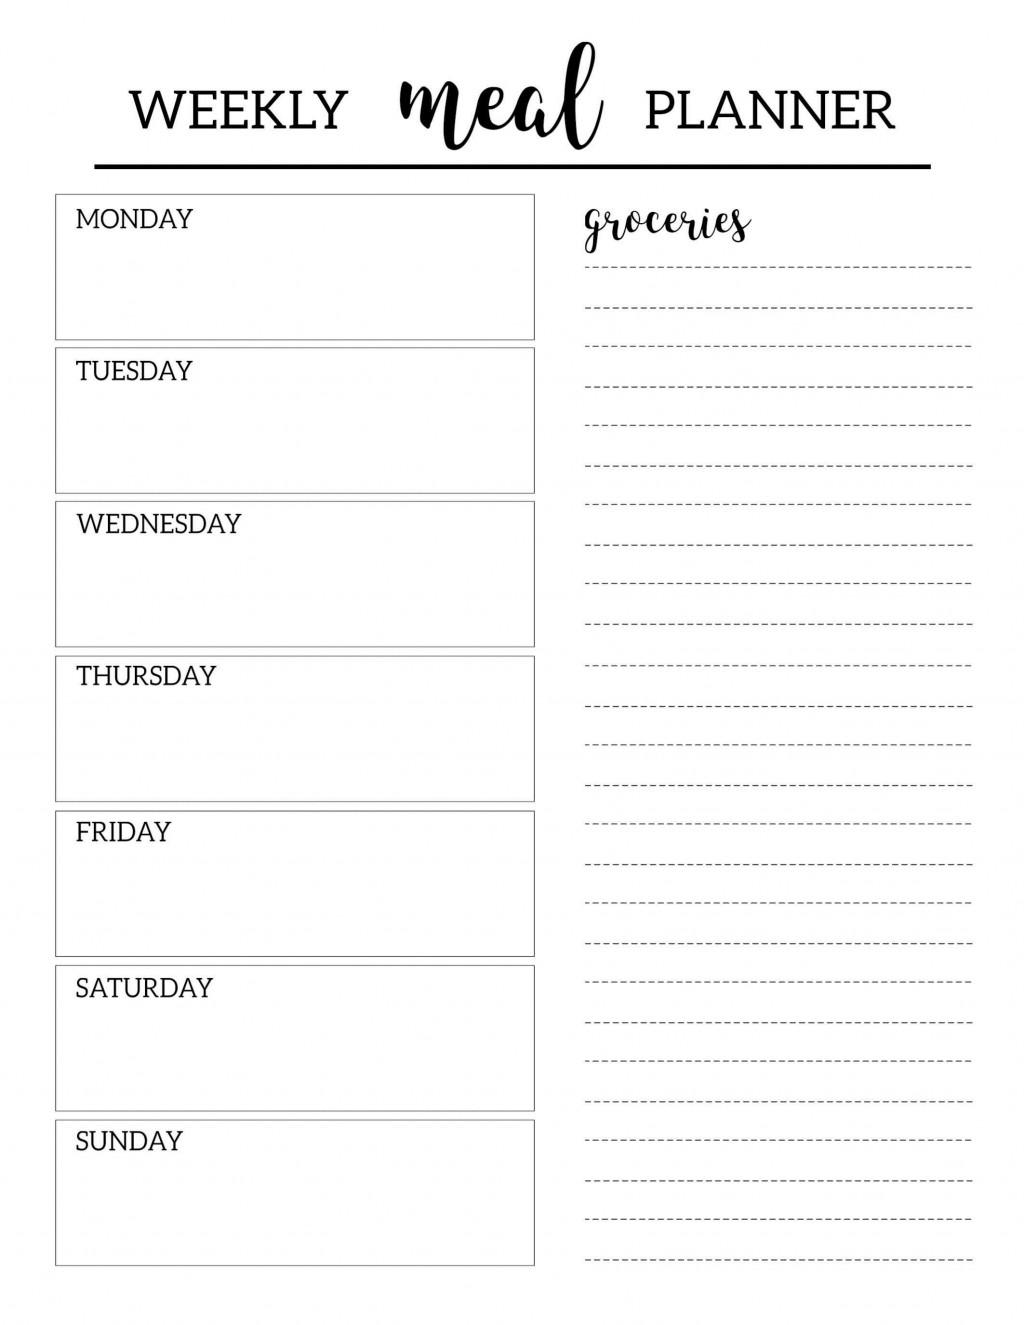 001 Impressive Free Printable Weekly Meal Plan Template Idea  Planning WorksheetLarge